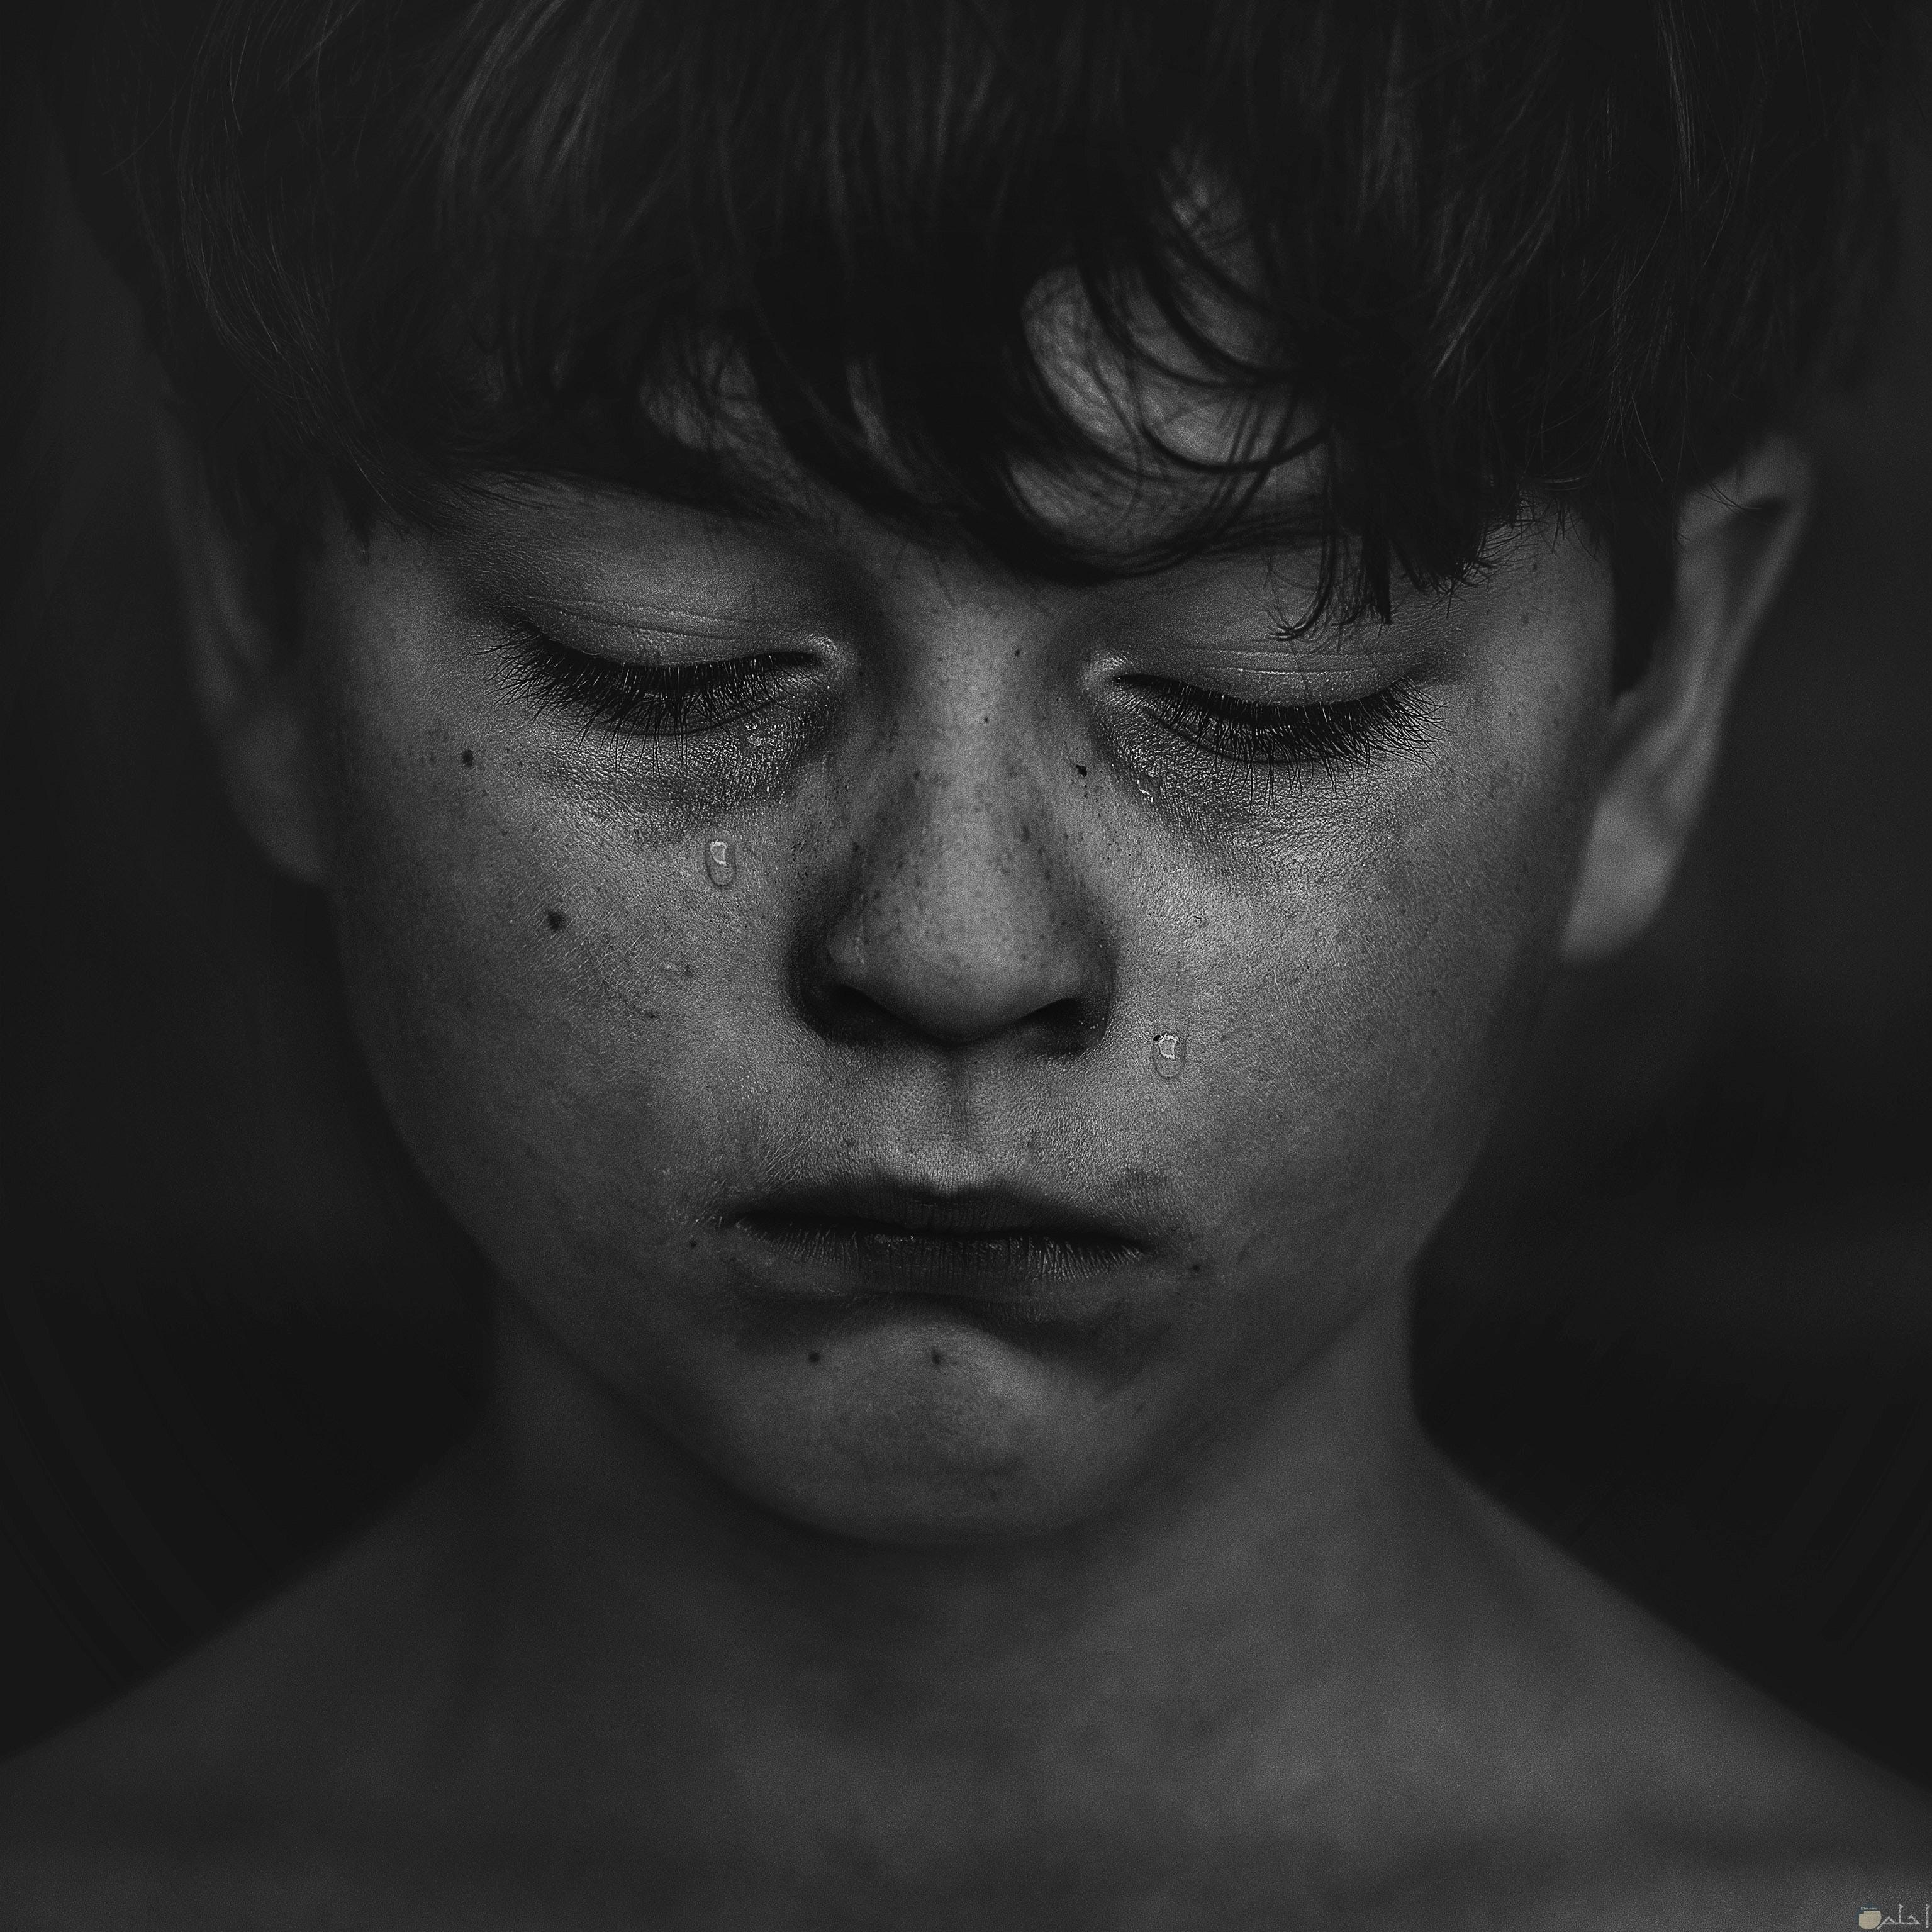 صورة طفل يبكي وحزين